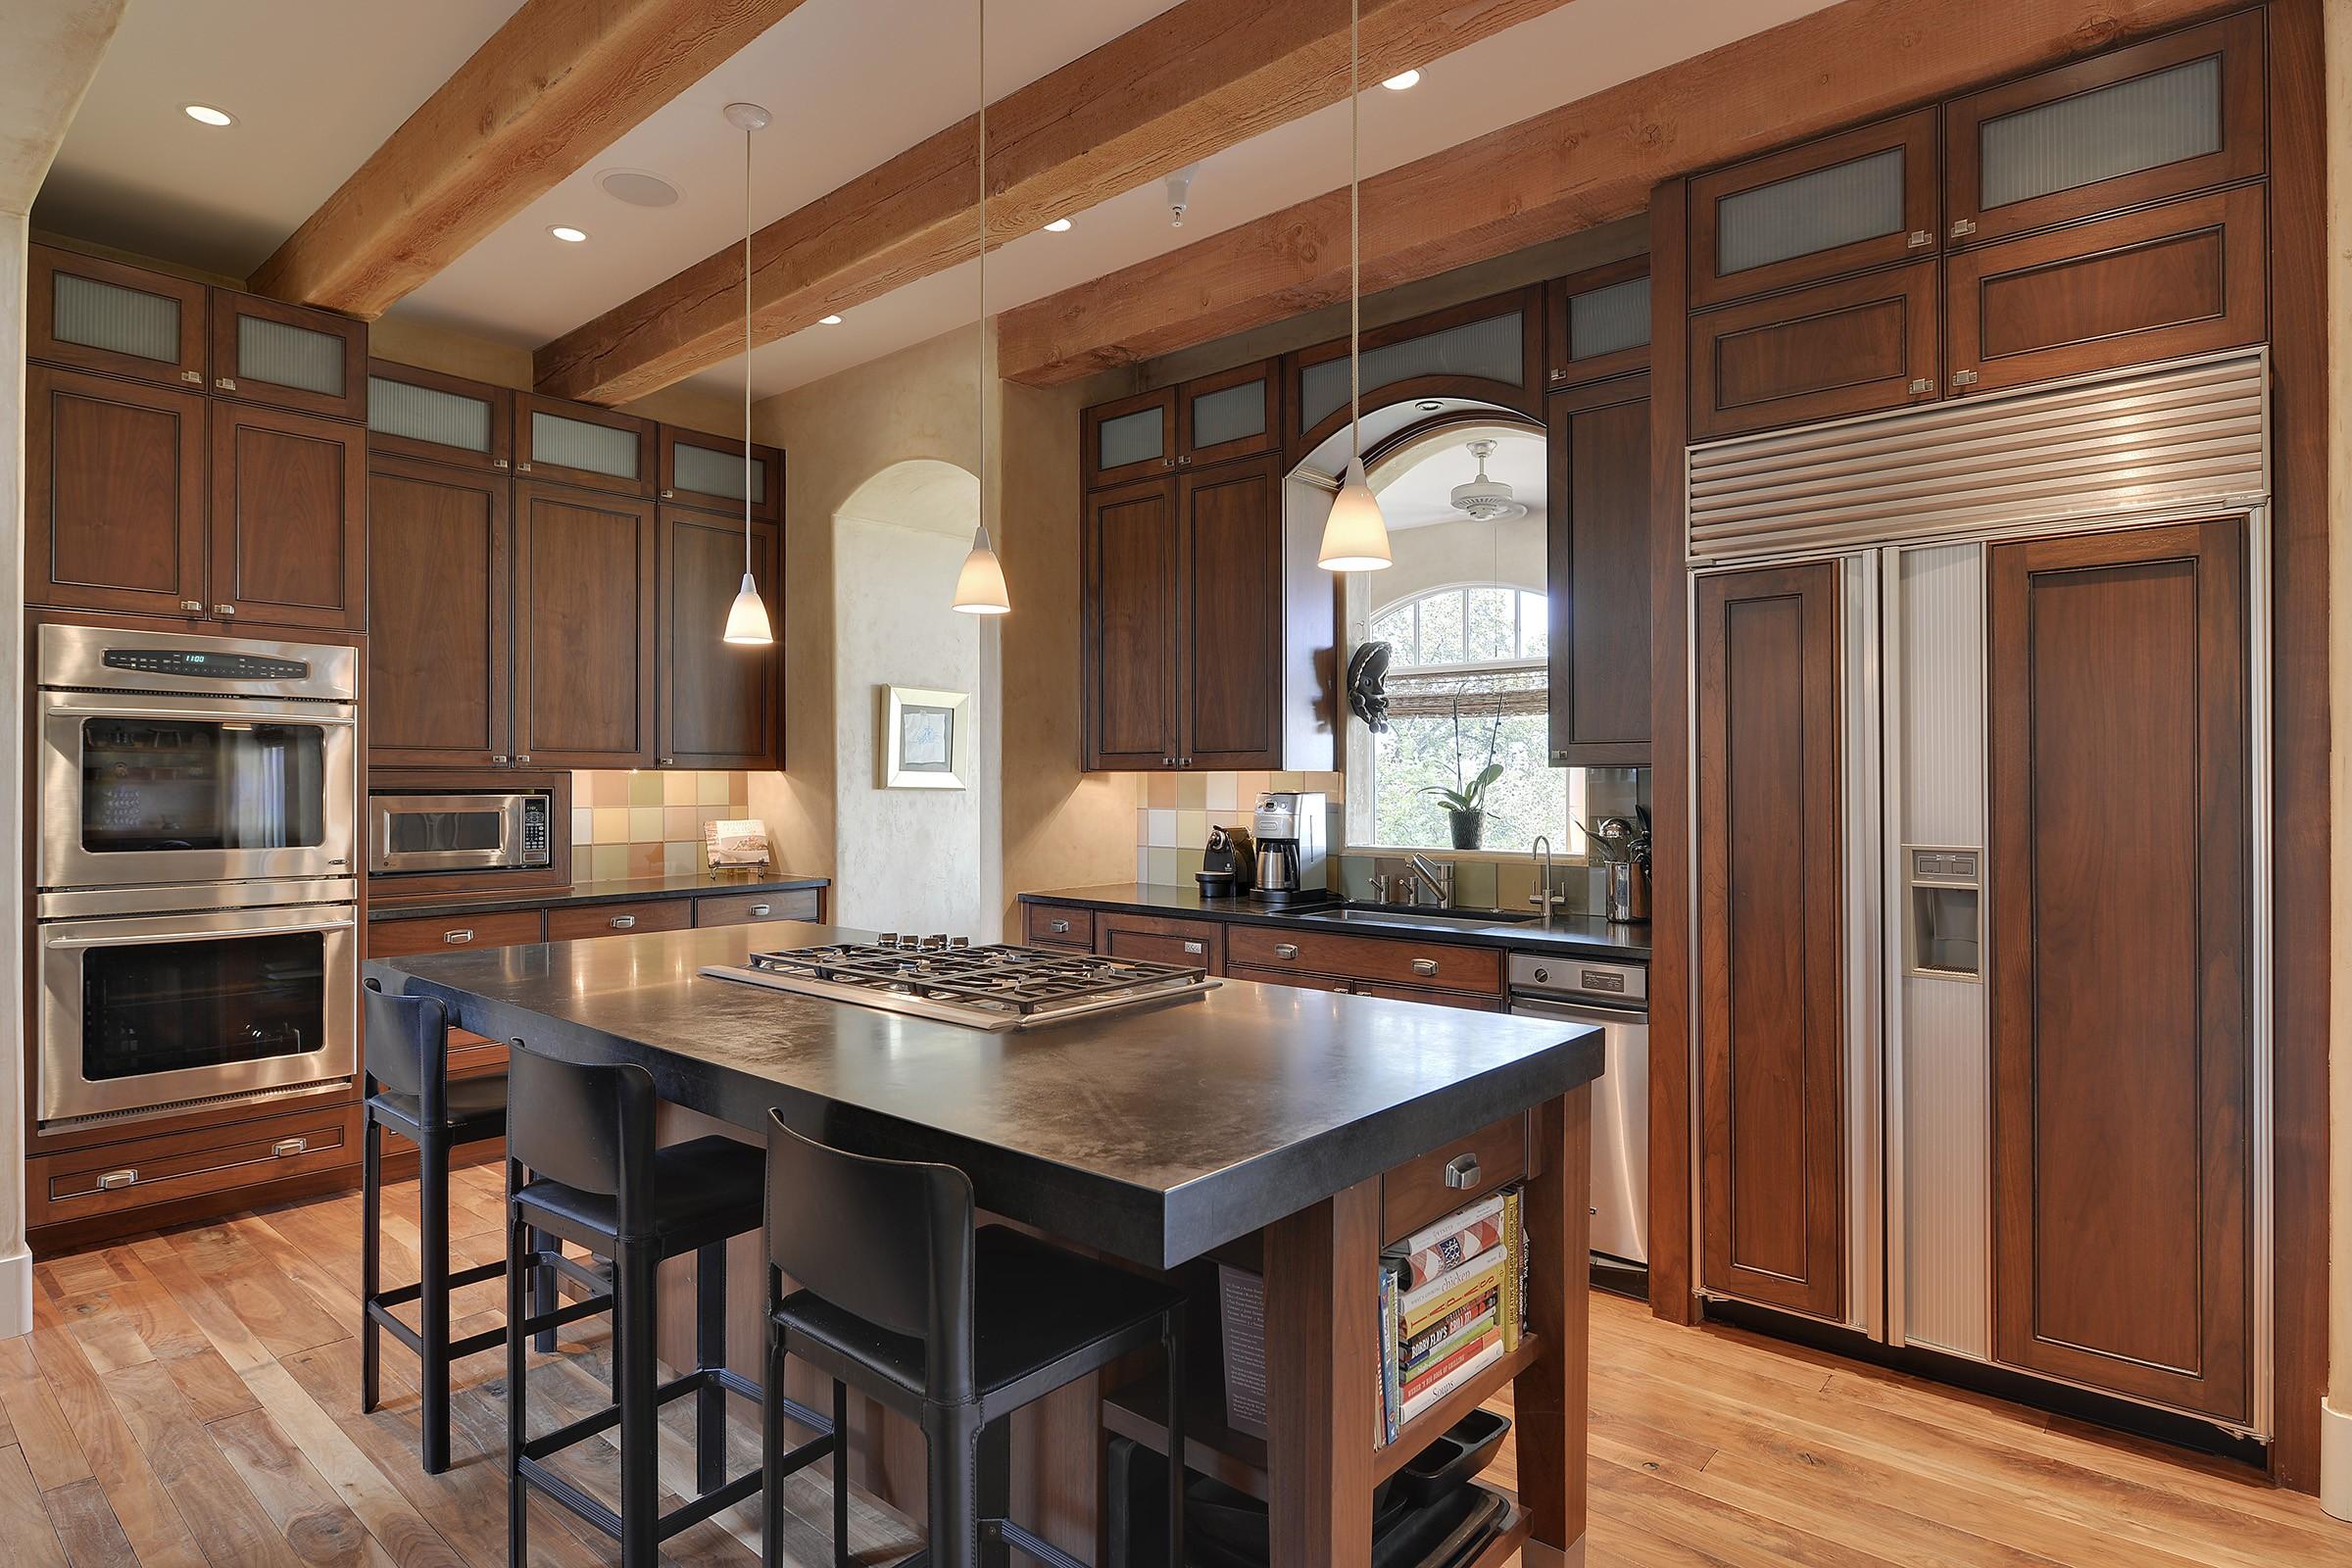 1620 Kenwood kitchen 6.23.15.jpg